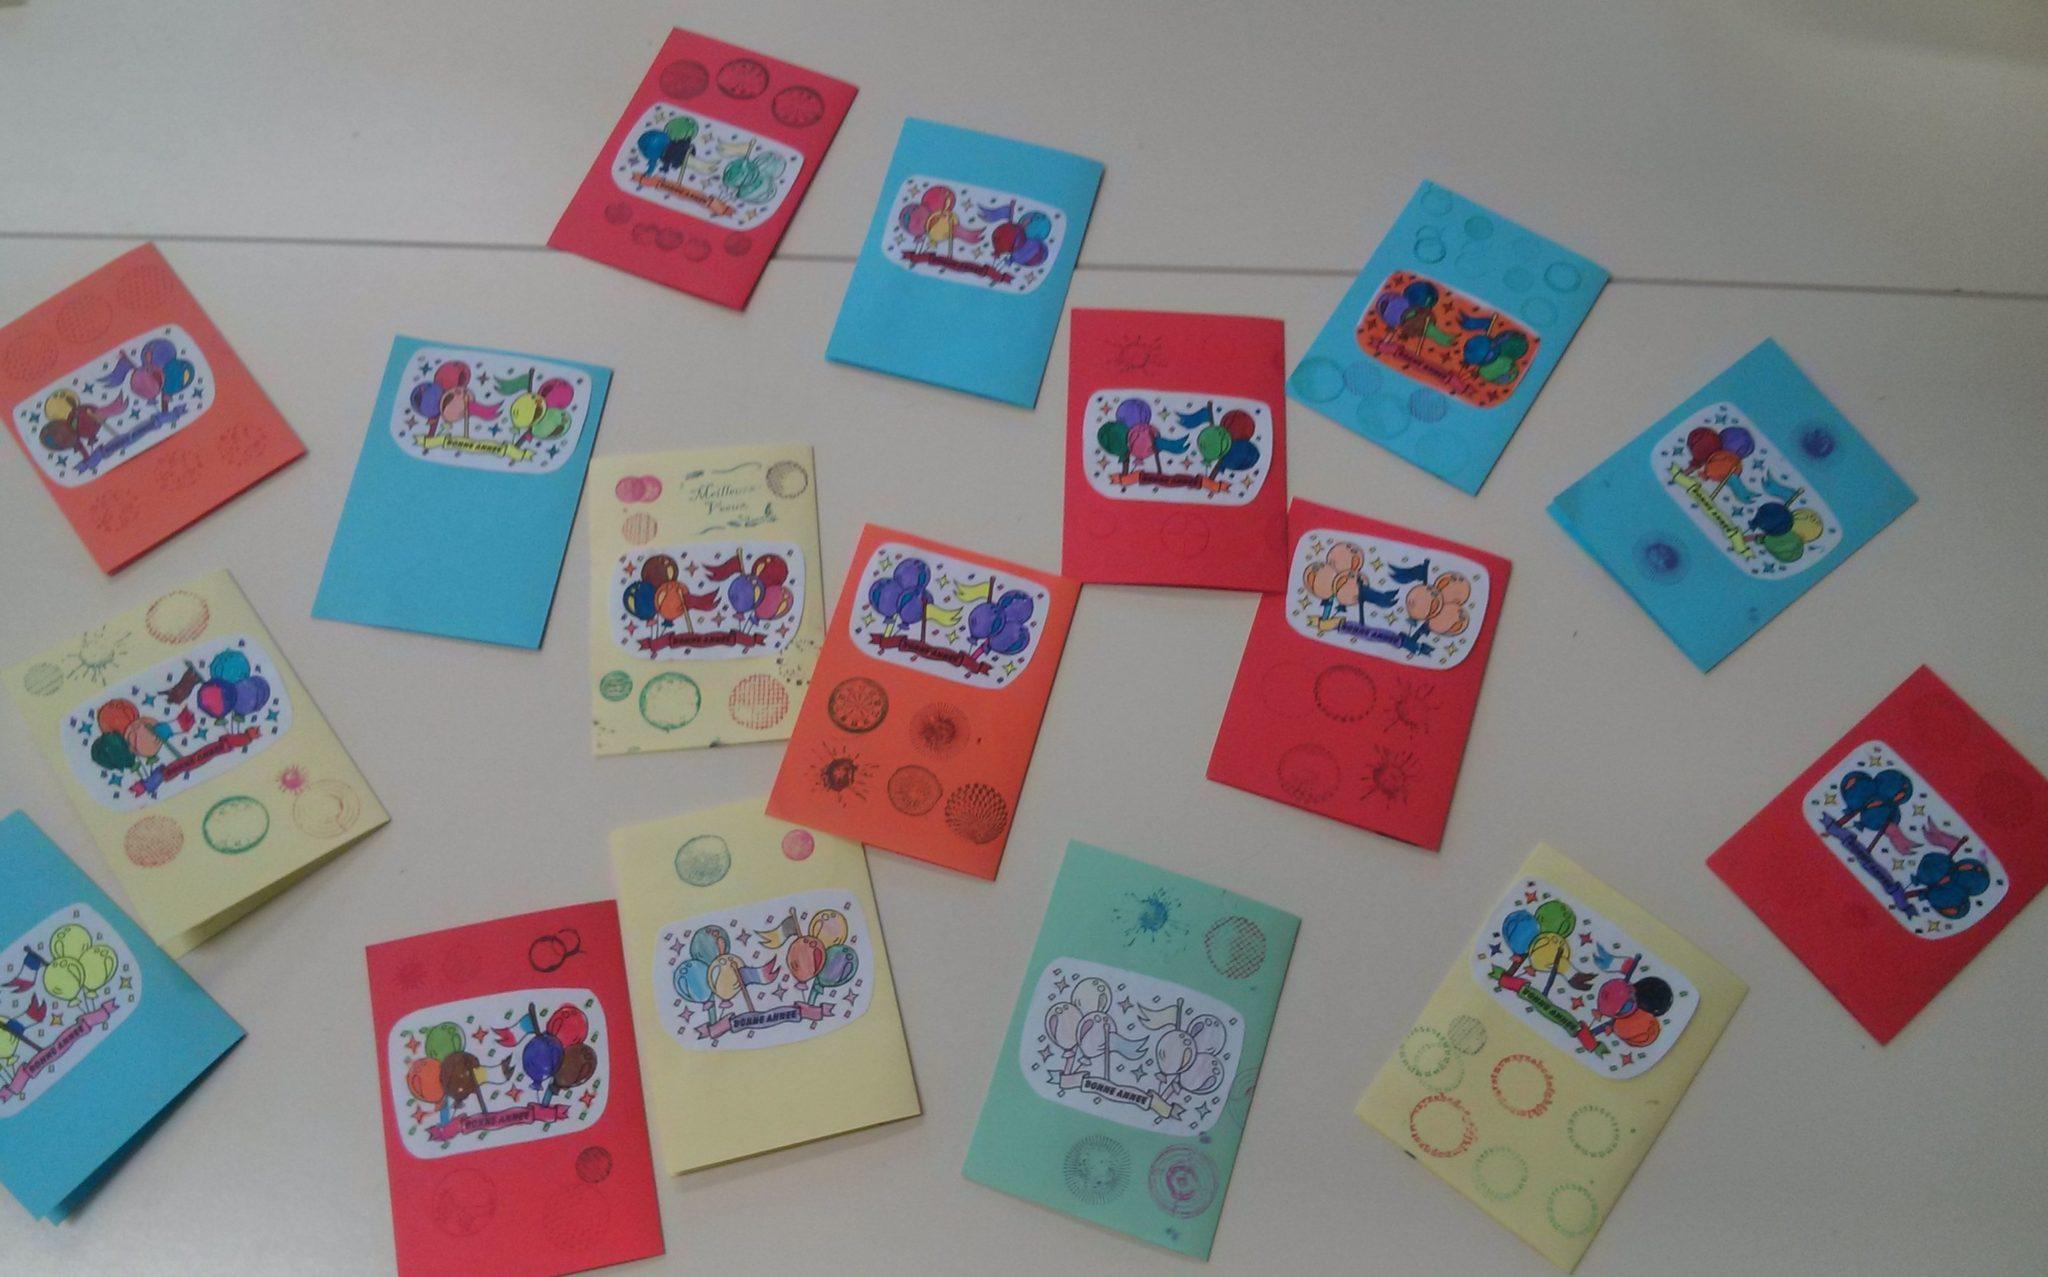 carte de voeux cp Projet d'écriture CP : envoyer une carte de vœux. |